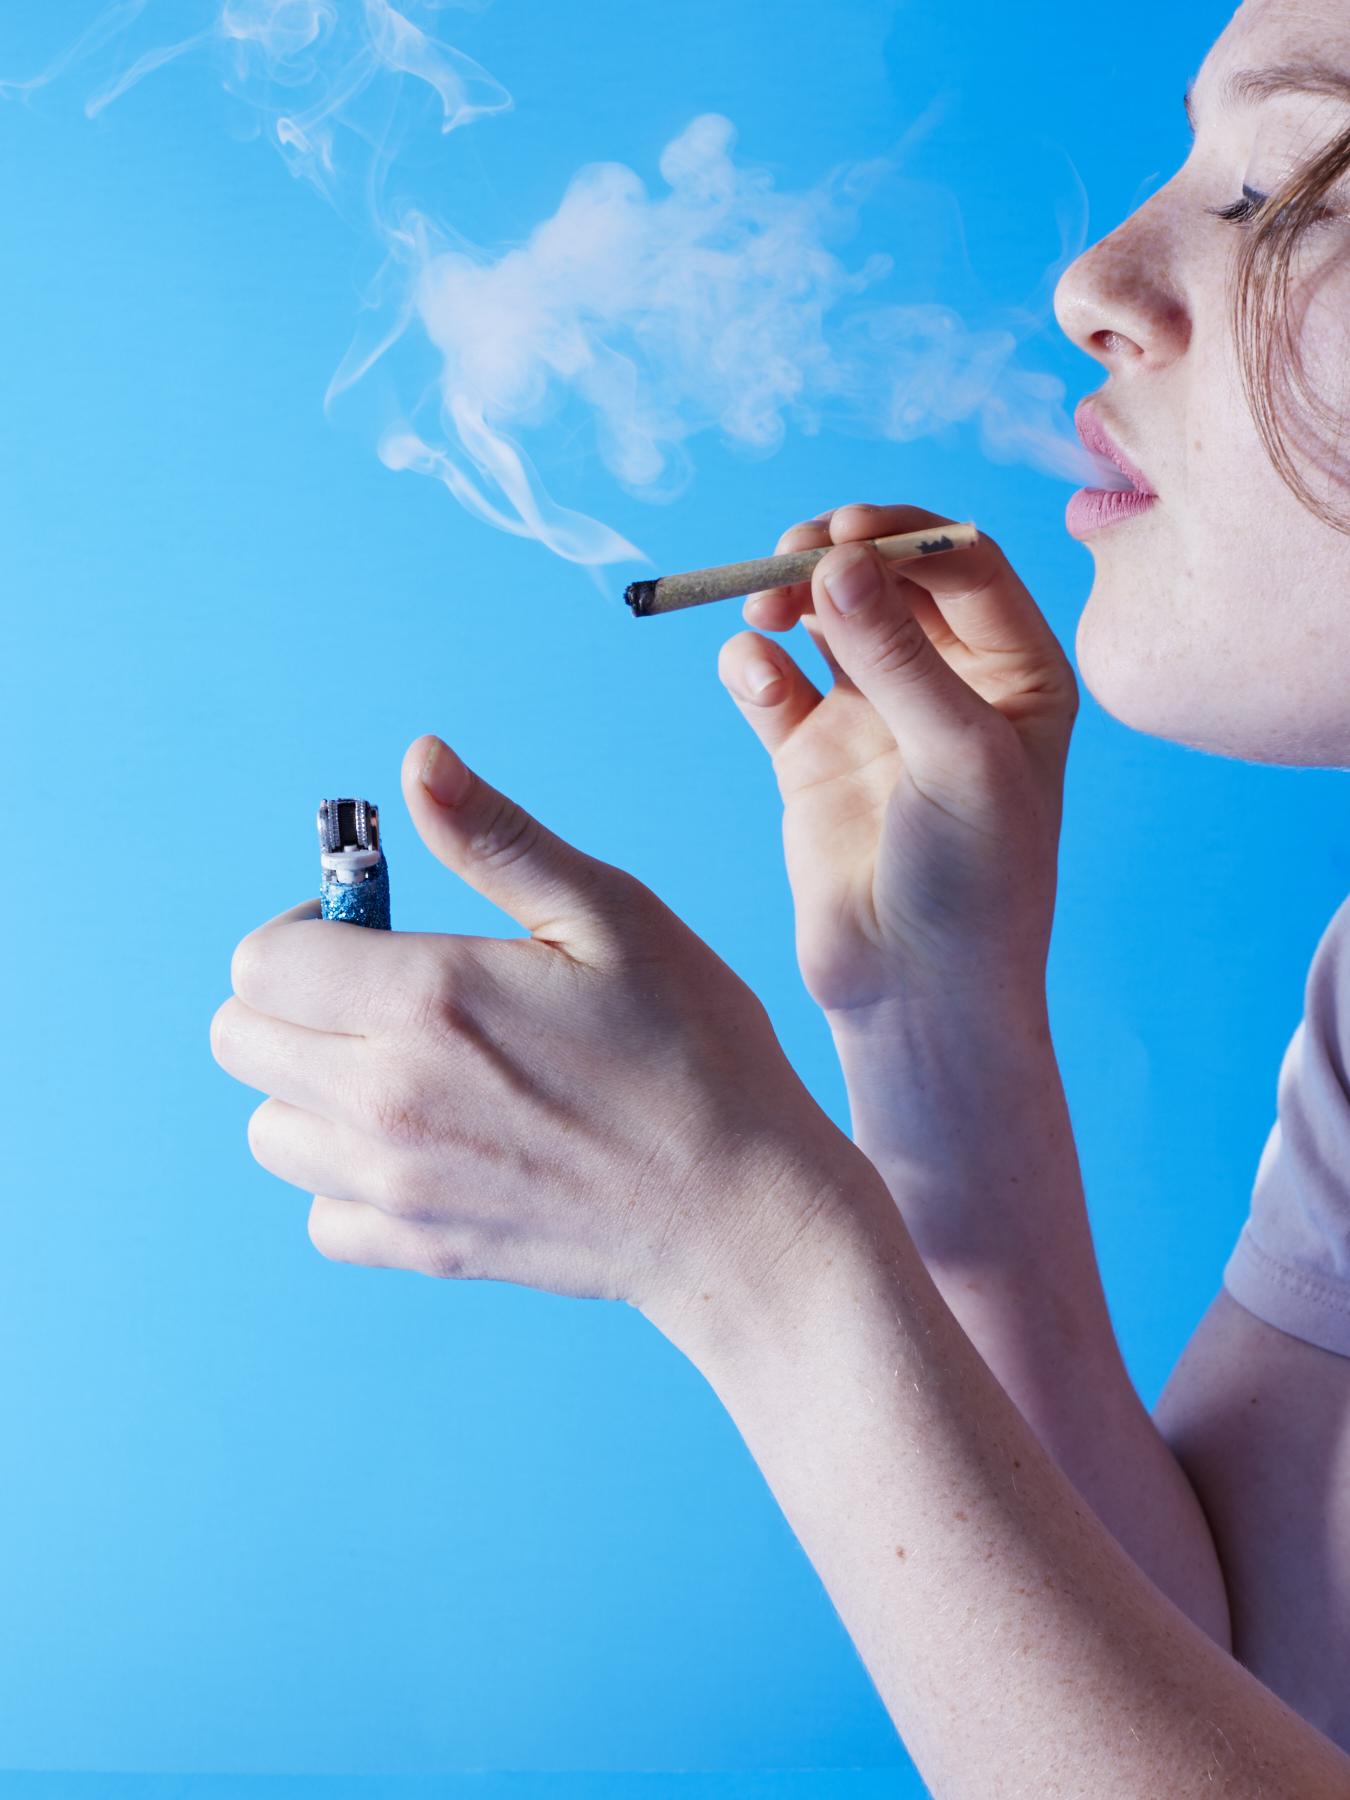 Rachel-Smoking-Weed_110.jpg